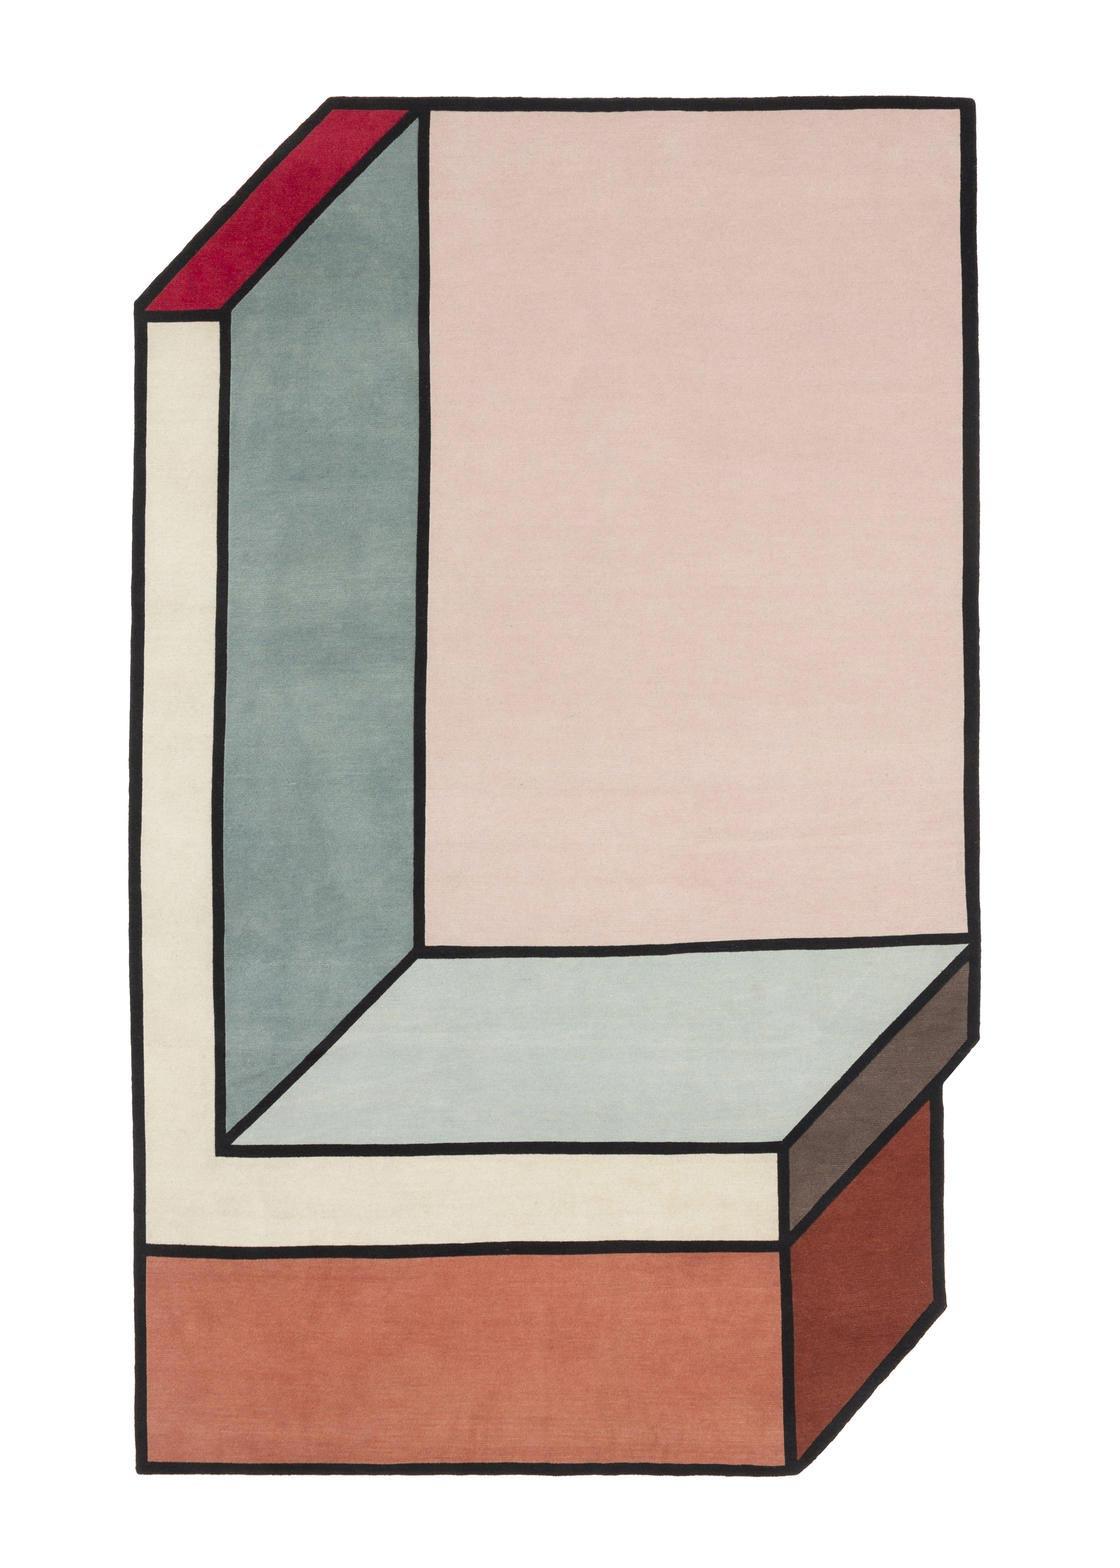 Patricia Urquiola оптические иллюзии на коврах